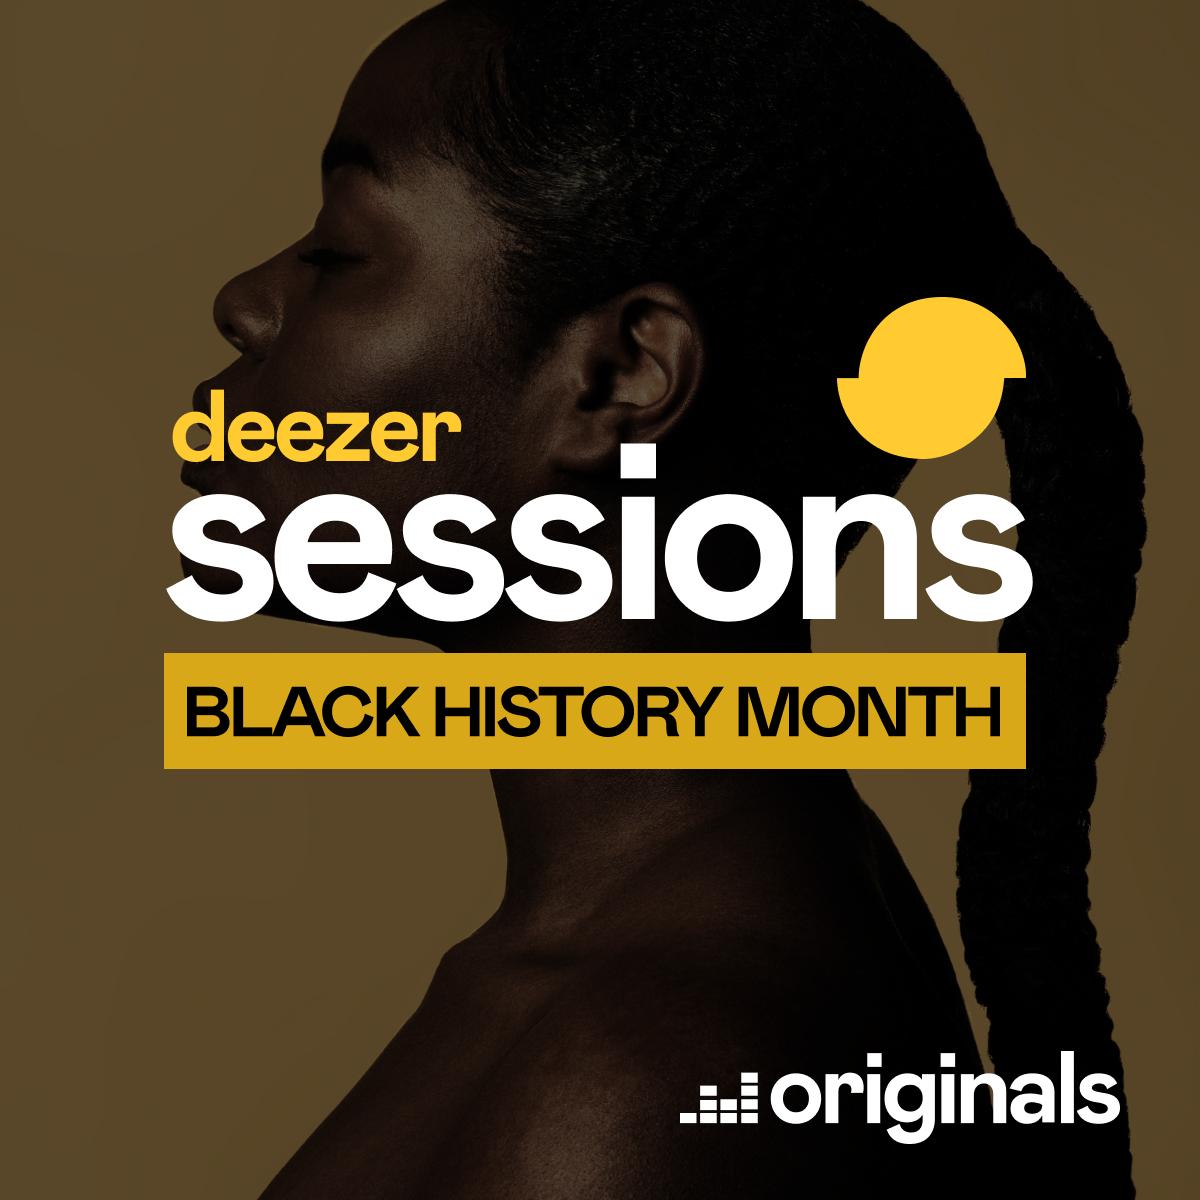 deezer black history month